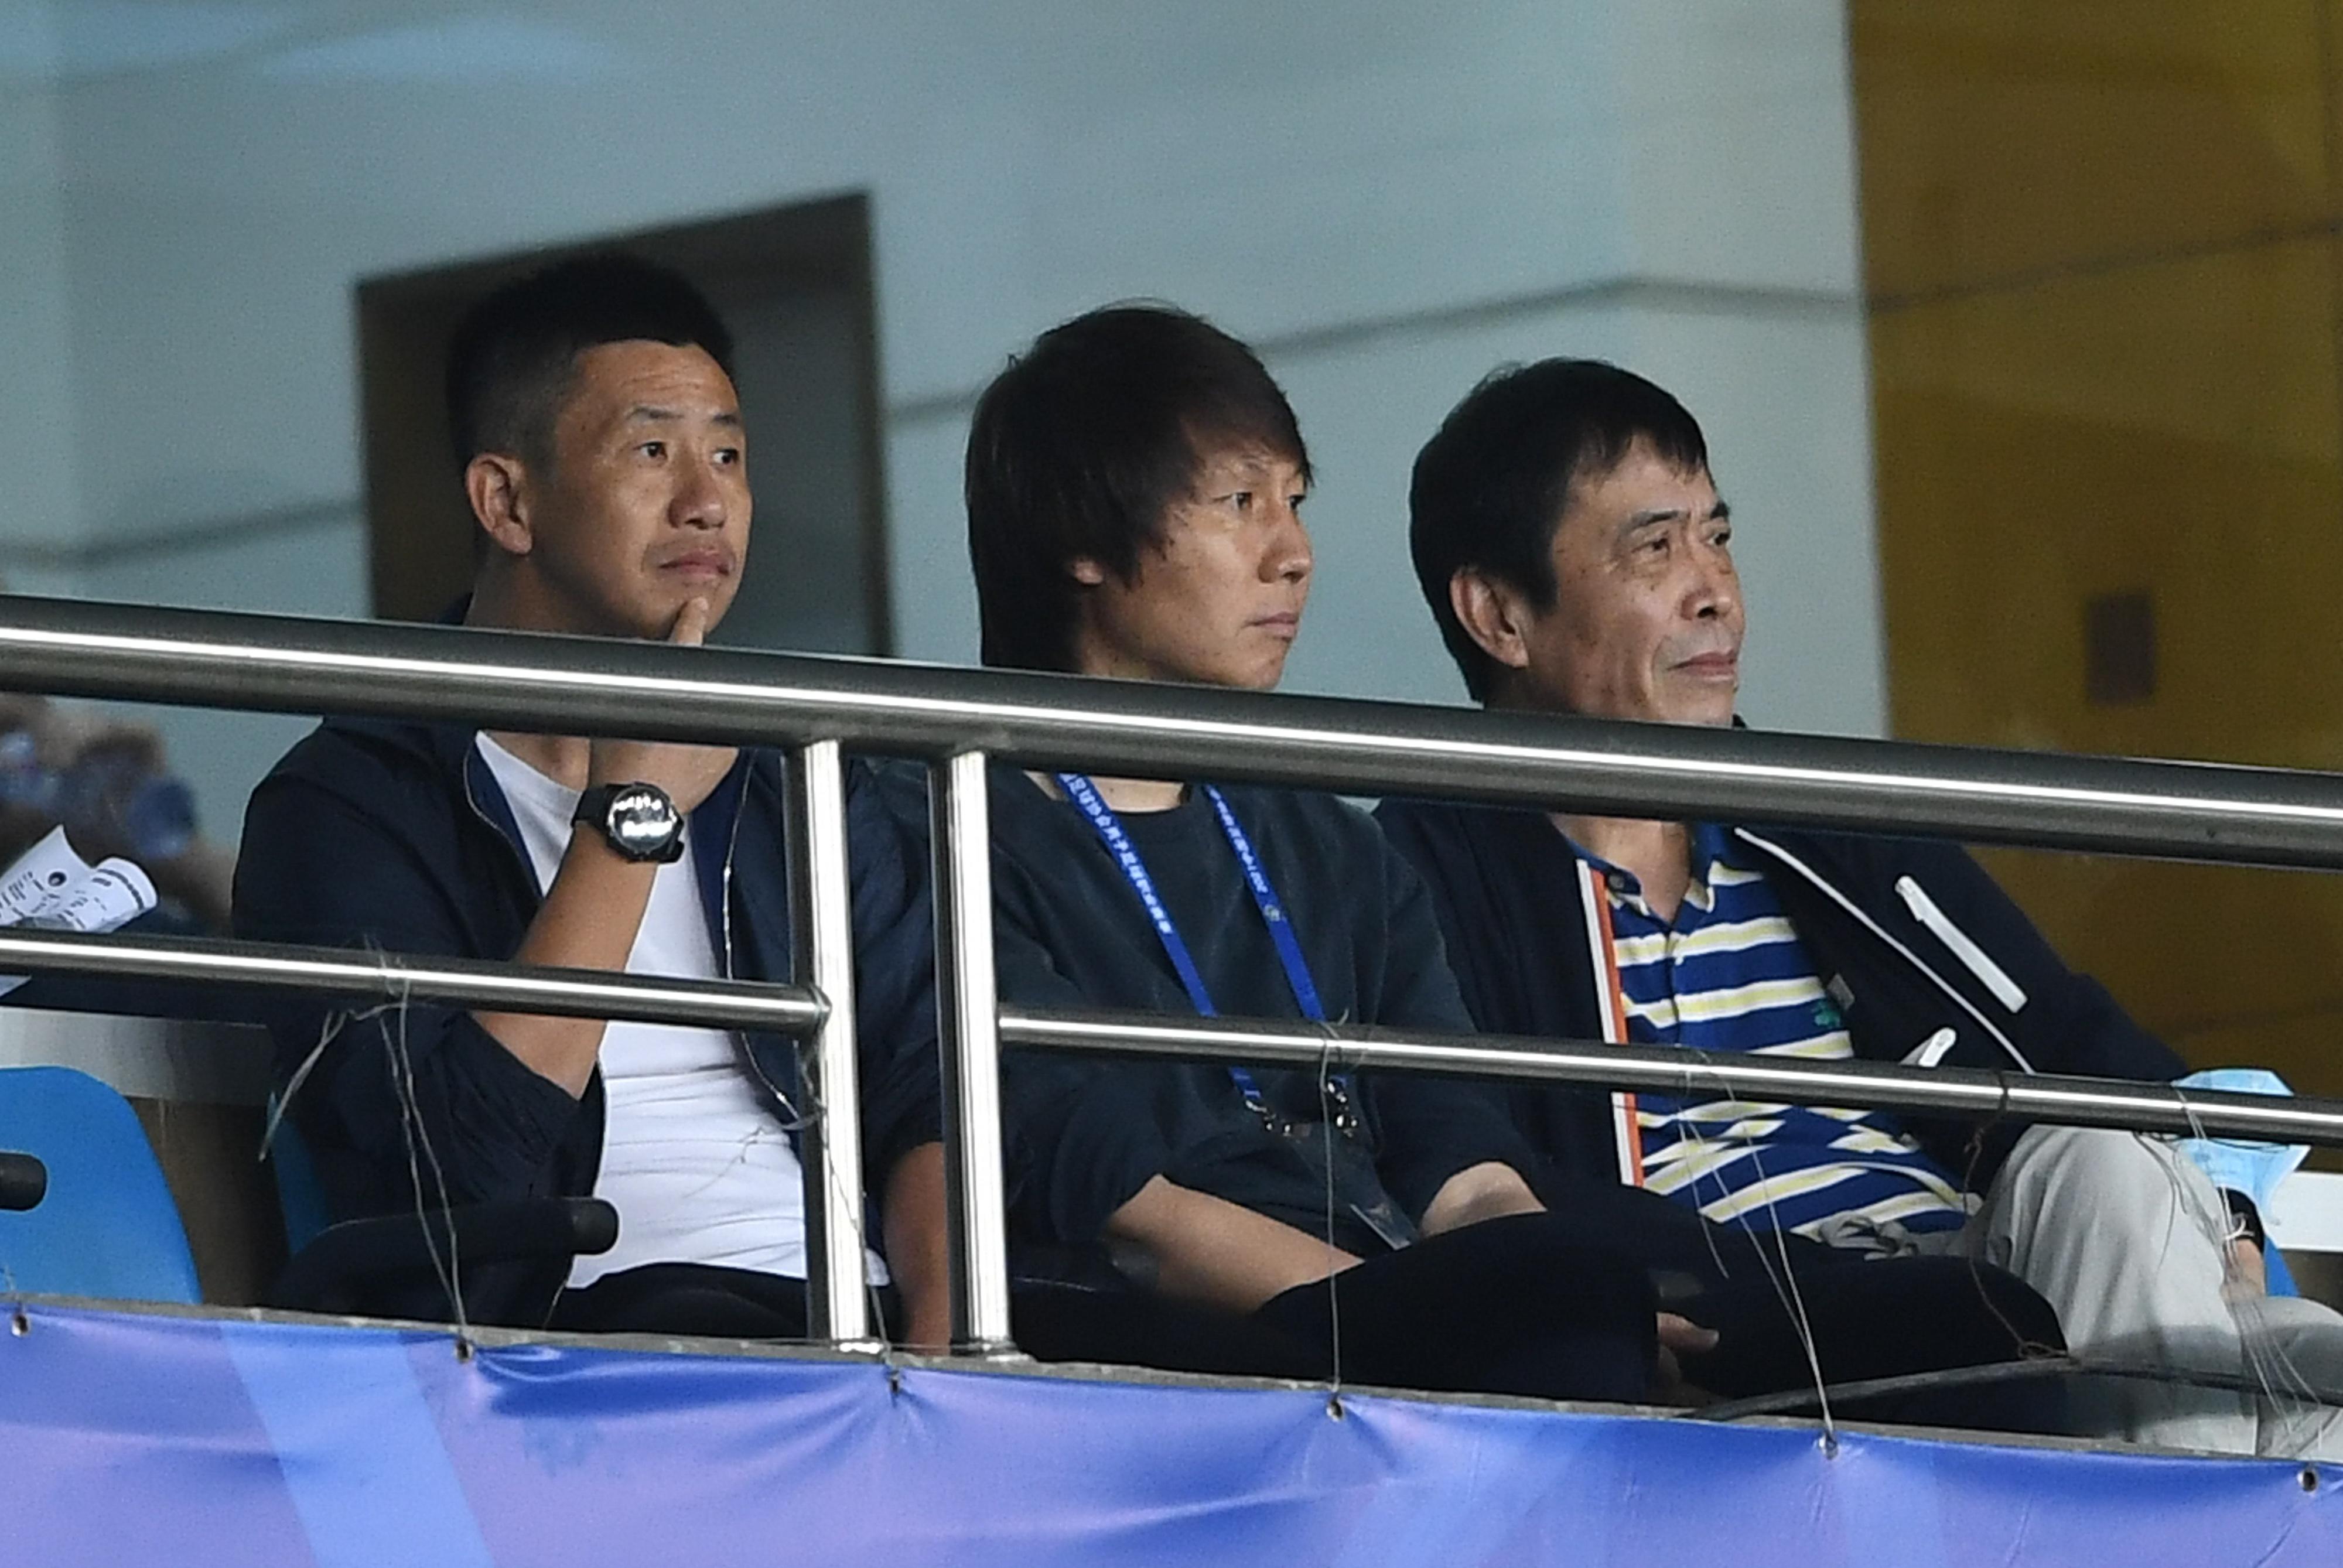 一图流:都支持谁?李铁、郑斌与陈戌源观战上海德比